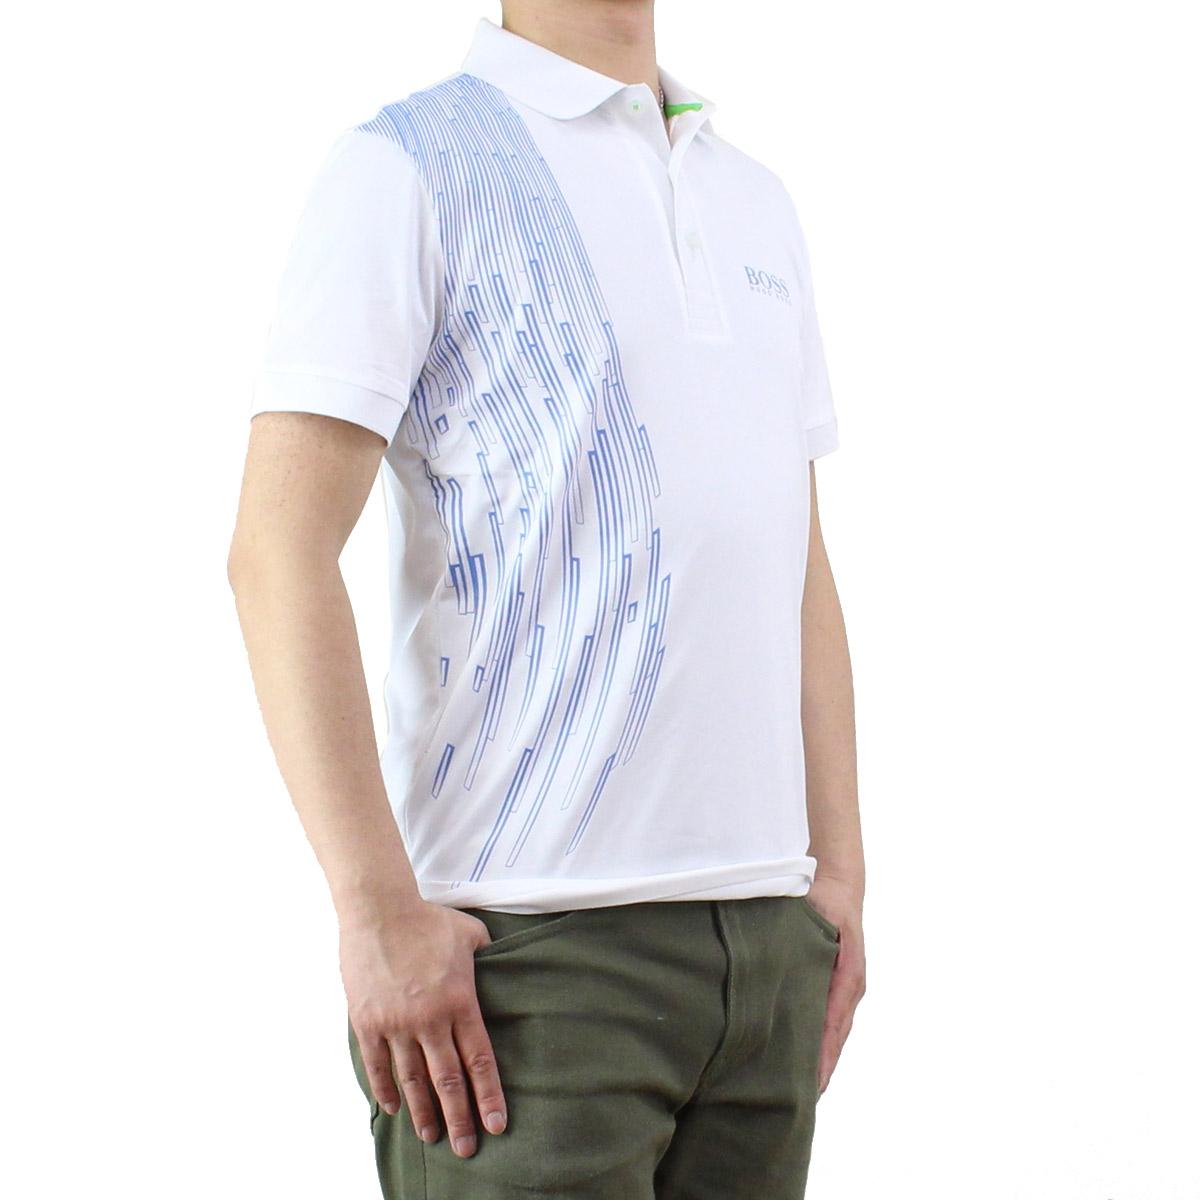 e8c8de26b Bighit The total brand wholesale: Hugo boss (HUGO BOSS) PAULE PRO 3 men's  polo shirt 50330201 10191776 100 white system, blue system | Rakuten Global  Market